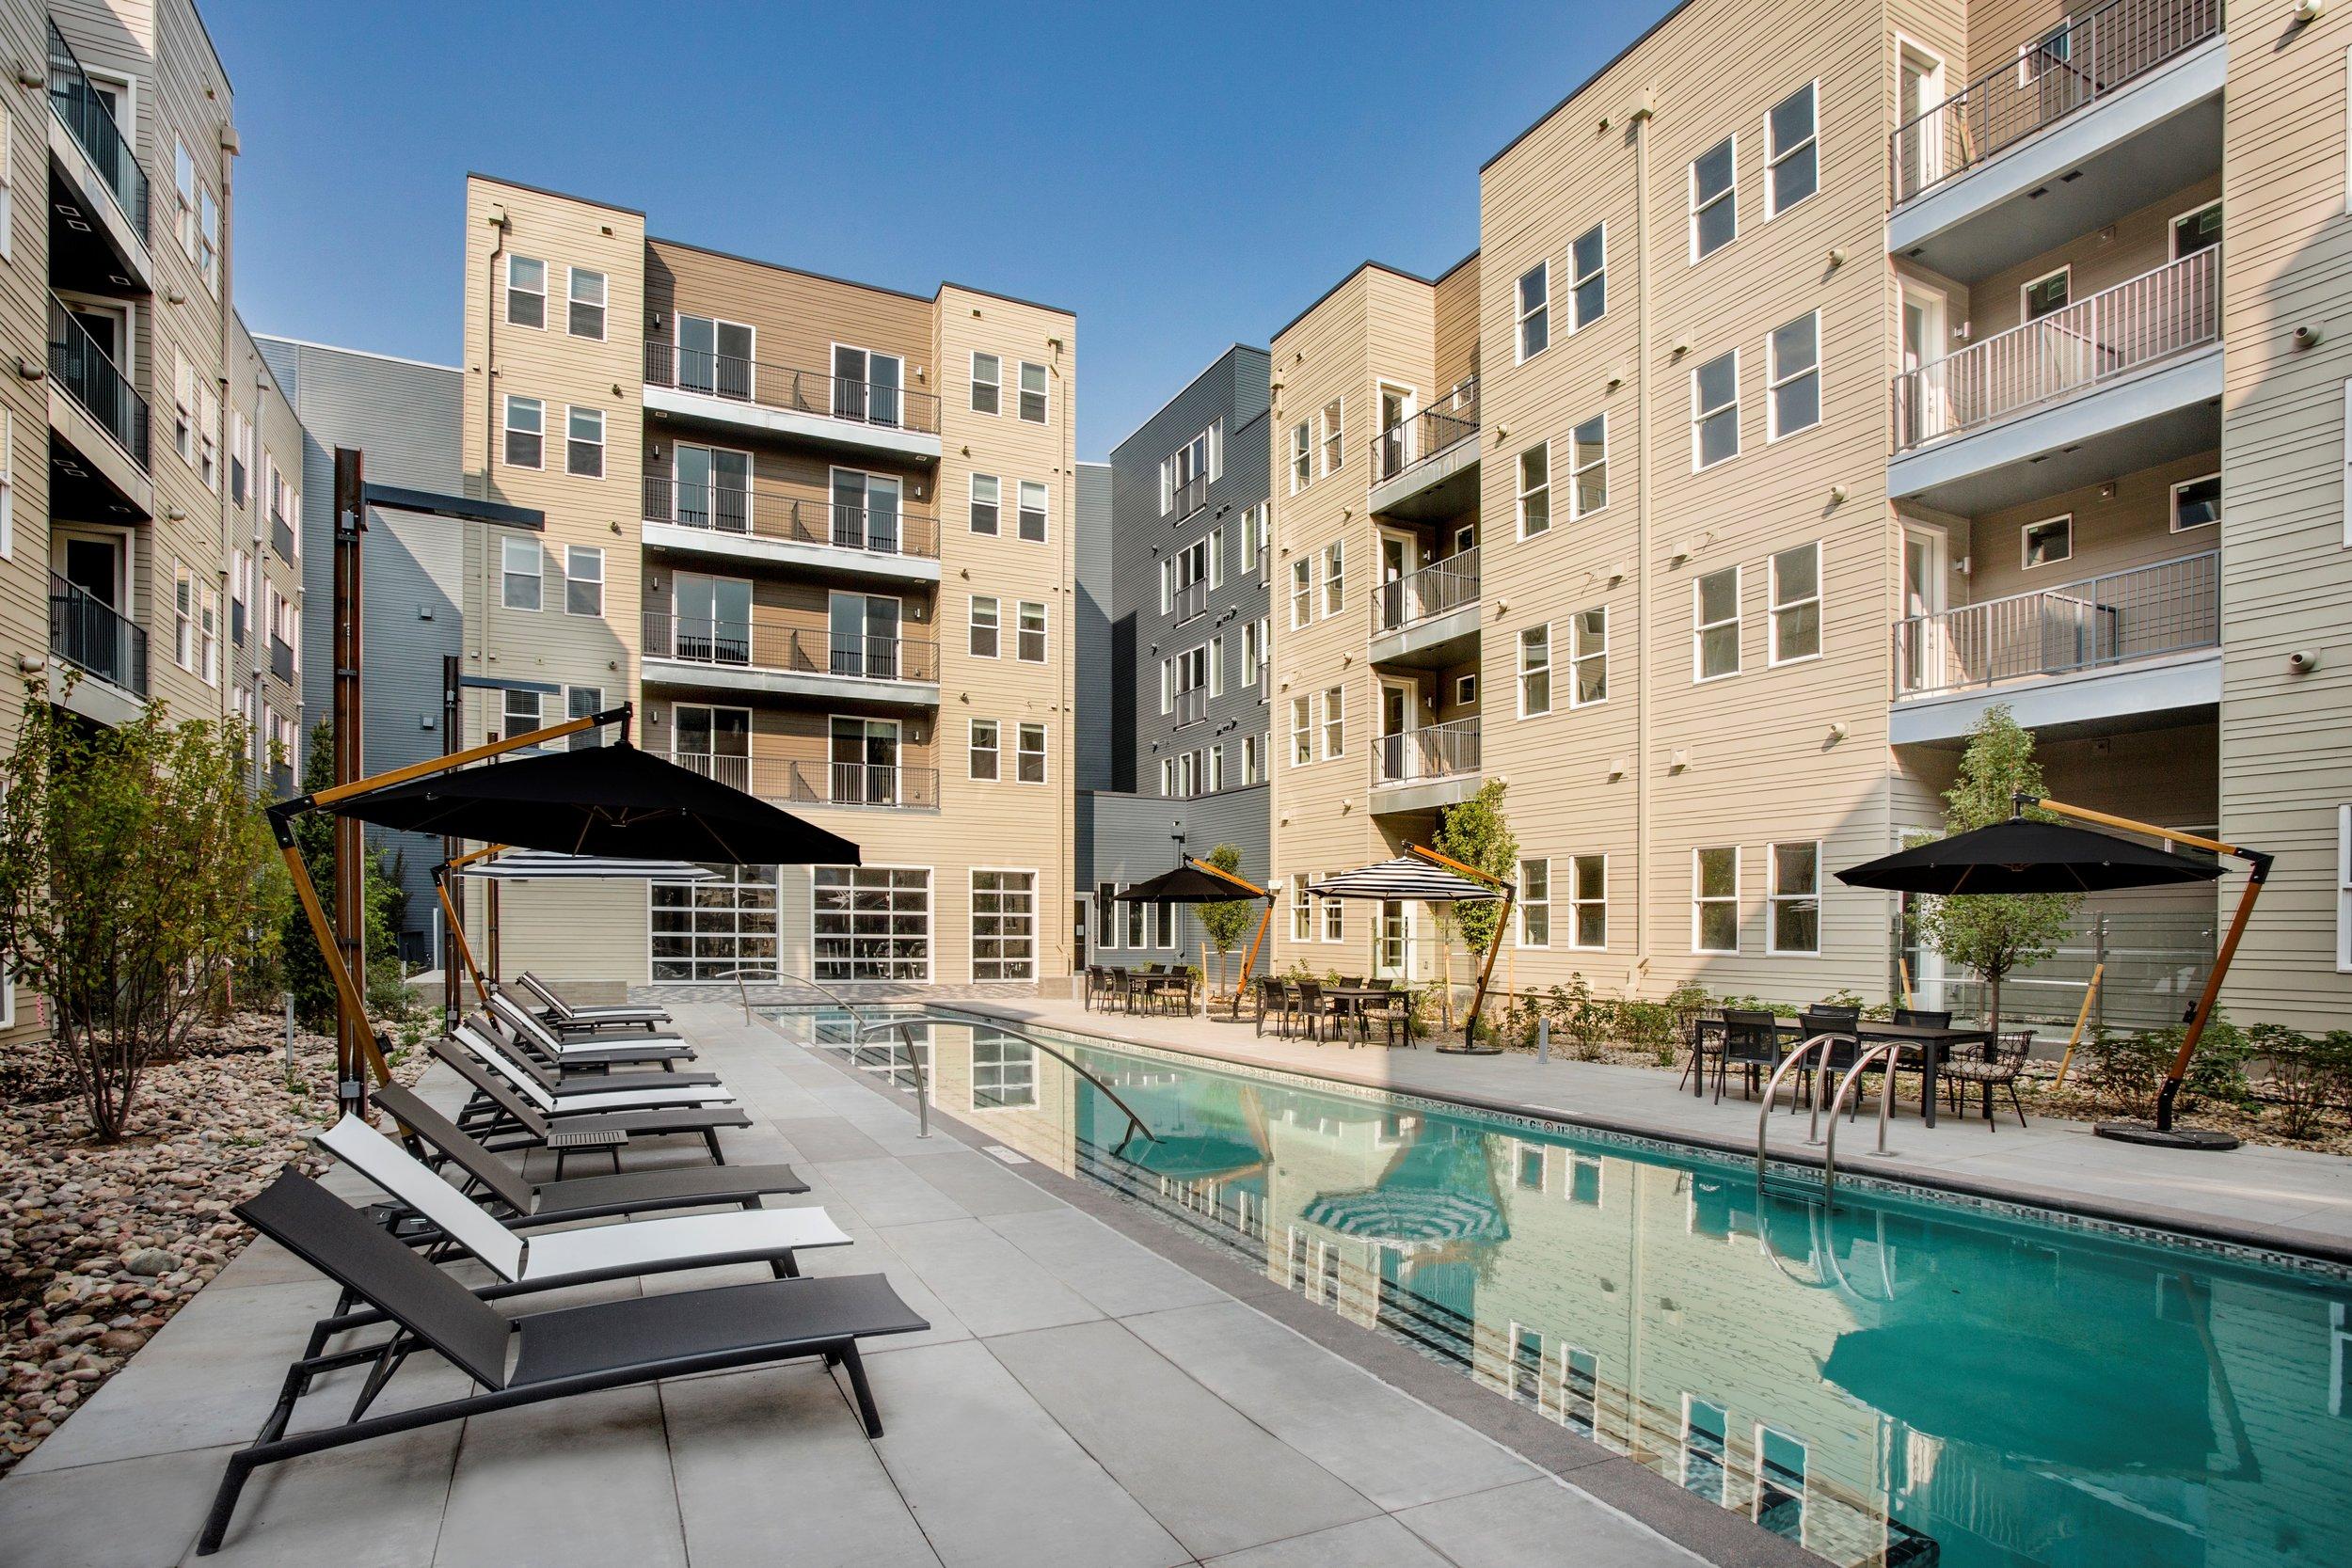 10-Resort Style Lap Pool.jpg